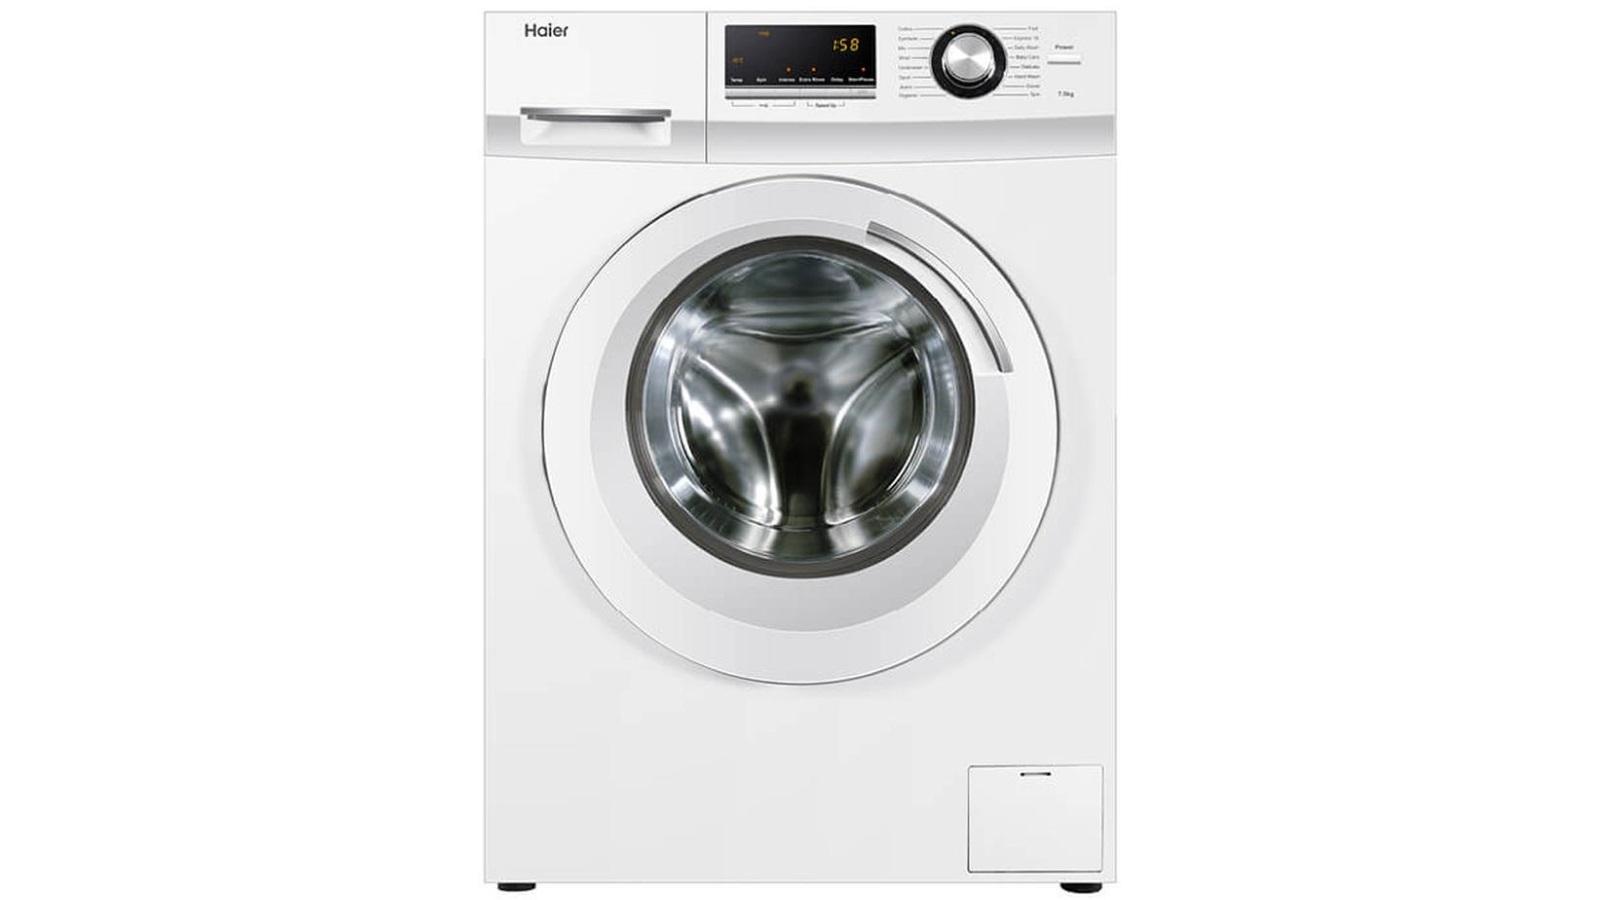 冰箱洗衣机彩电凭啥大涨价?专家揭示了两大原因